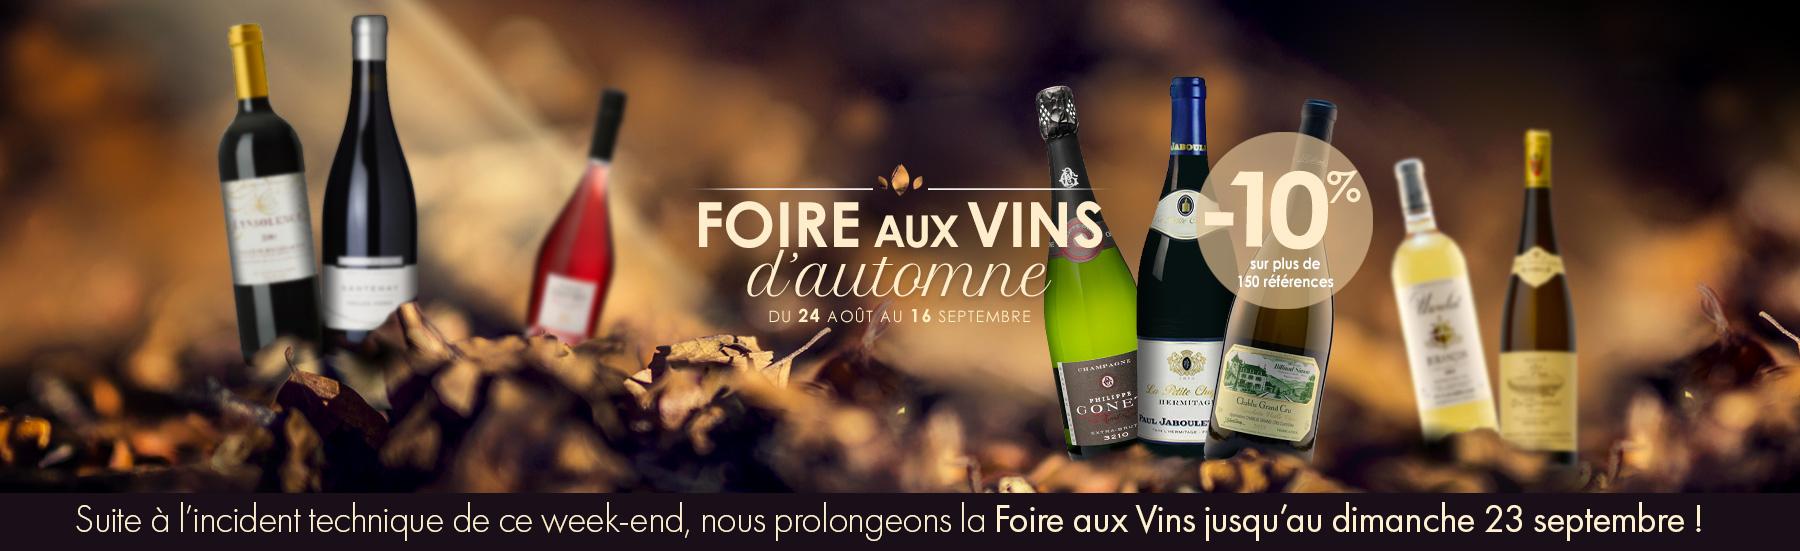 1800x551px_slide-Foire-automneprolongation